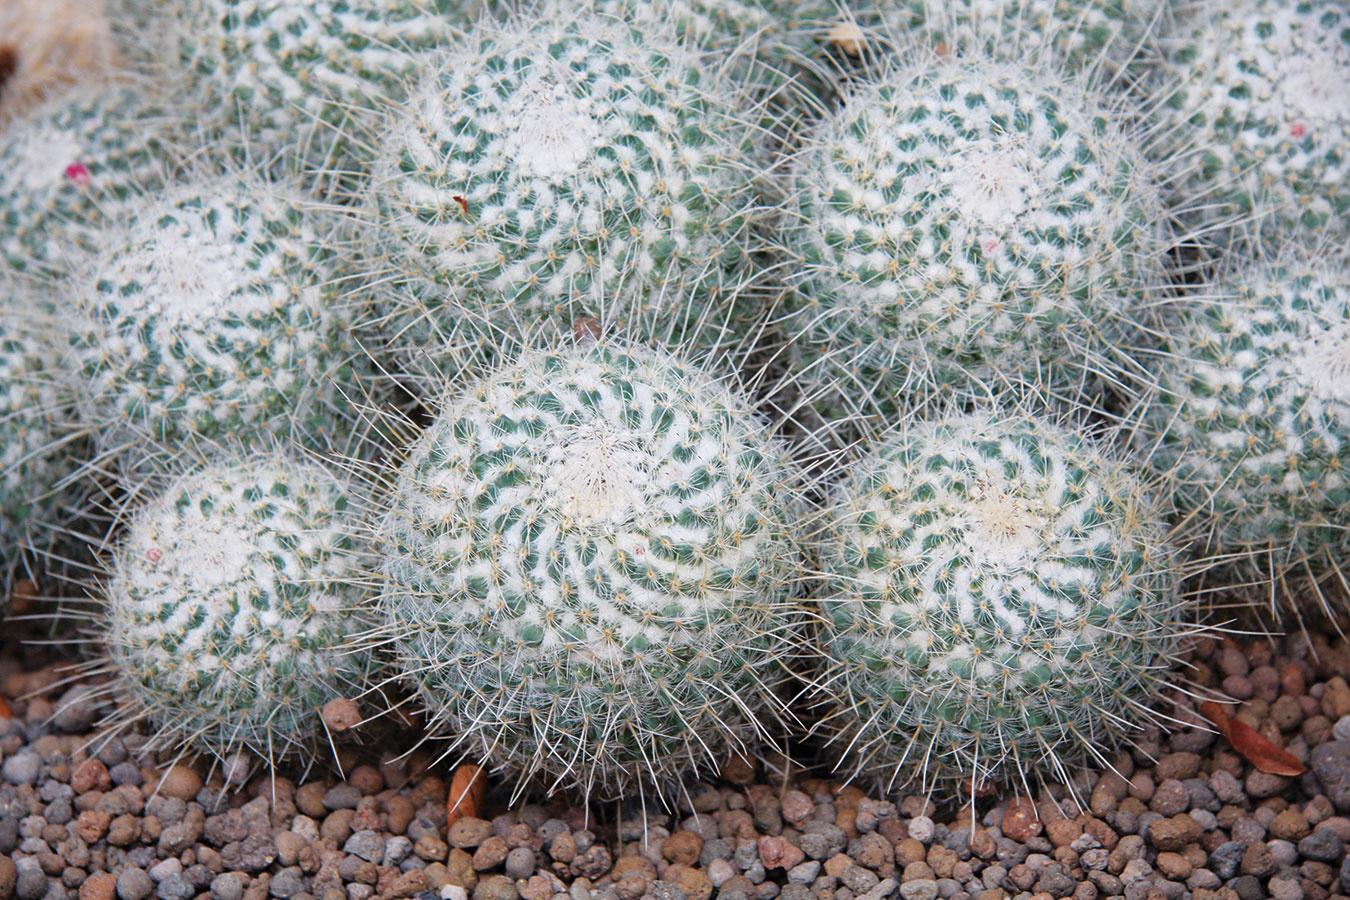 Ak hľadáte kaktus do detskej izby, siahnite po bradavkovci (Mamillaria). Vponuke nájdete množstvo pekných druhov, zktorých možno vytvoriť peknú zbierku. Bradavkovce sú menšie kaktusy sguľovitým vzrastom, výrastkami pripomínajúcimi bradavičky stŕňmi na koncoch asbohatým kvitnutím. Kvitnú aj vmladom veku adeti určite poteší, že sa to podarí docieliť aj im. Drobné lievikovité kvety sú usporiadané do kruhu vhornej časti rastliny. Objavujú sa vždy na jar amôžu mať rôznu farbu – cyklámenovú, ružovú alebo bielu. Bradavkovec potrebuje dostatok svetla, zimovať ho treba na chladnejšom mieste pri minimálnej zálievke. Bohaté kvitnutie podporíte aj hnojivom na kaktusy, ktoré je potrebné aplikovať vlete vo forme zálievky. Zalievať ho treba len striedmo – sucho je vjeho prípade prospešnejšie.